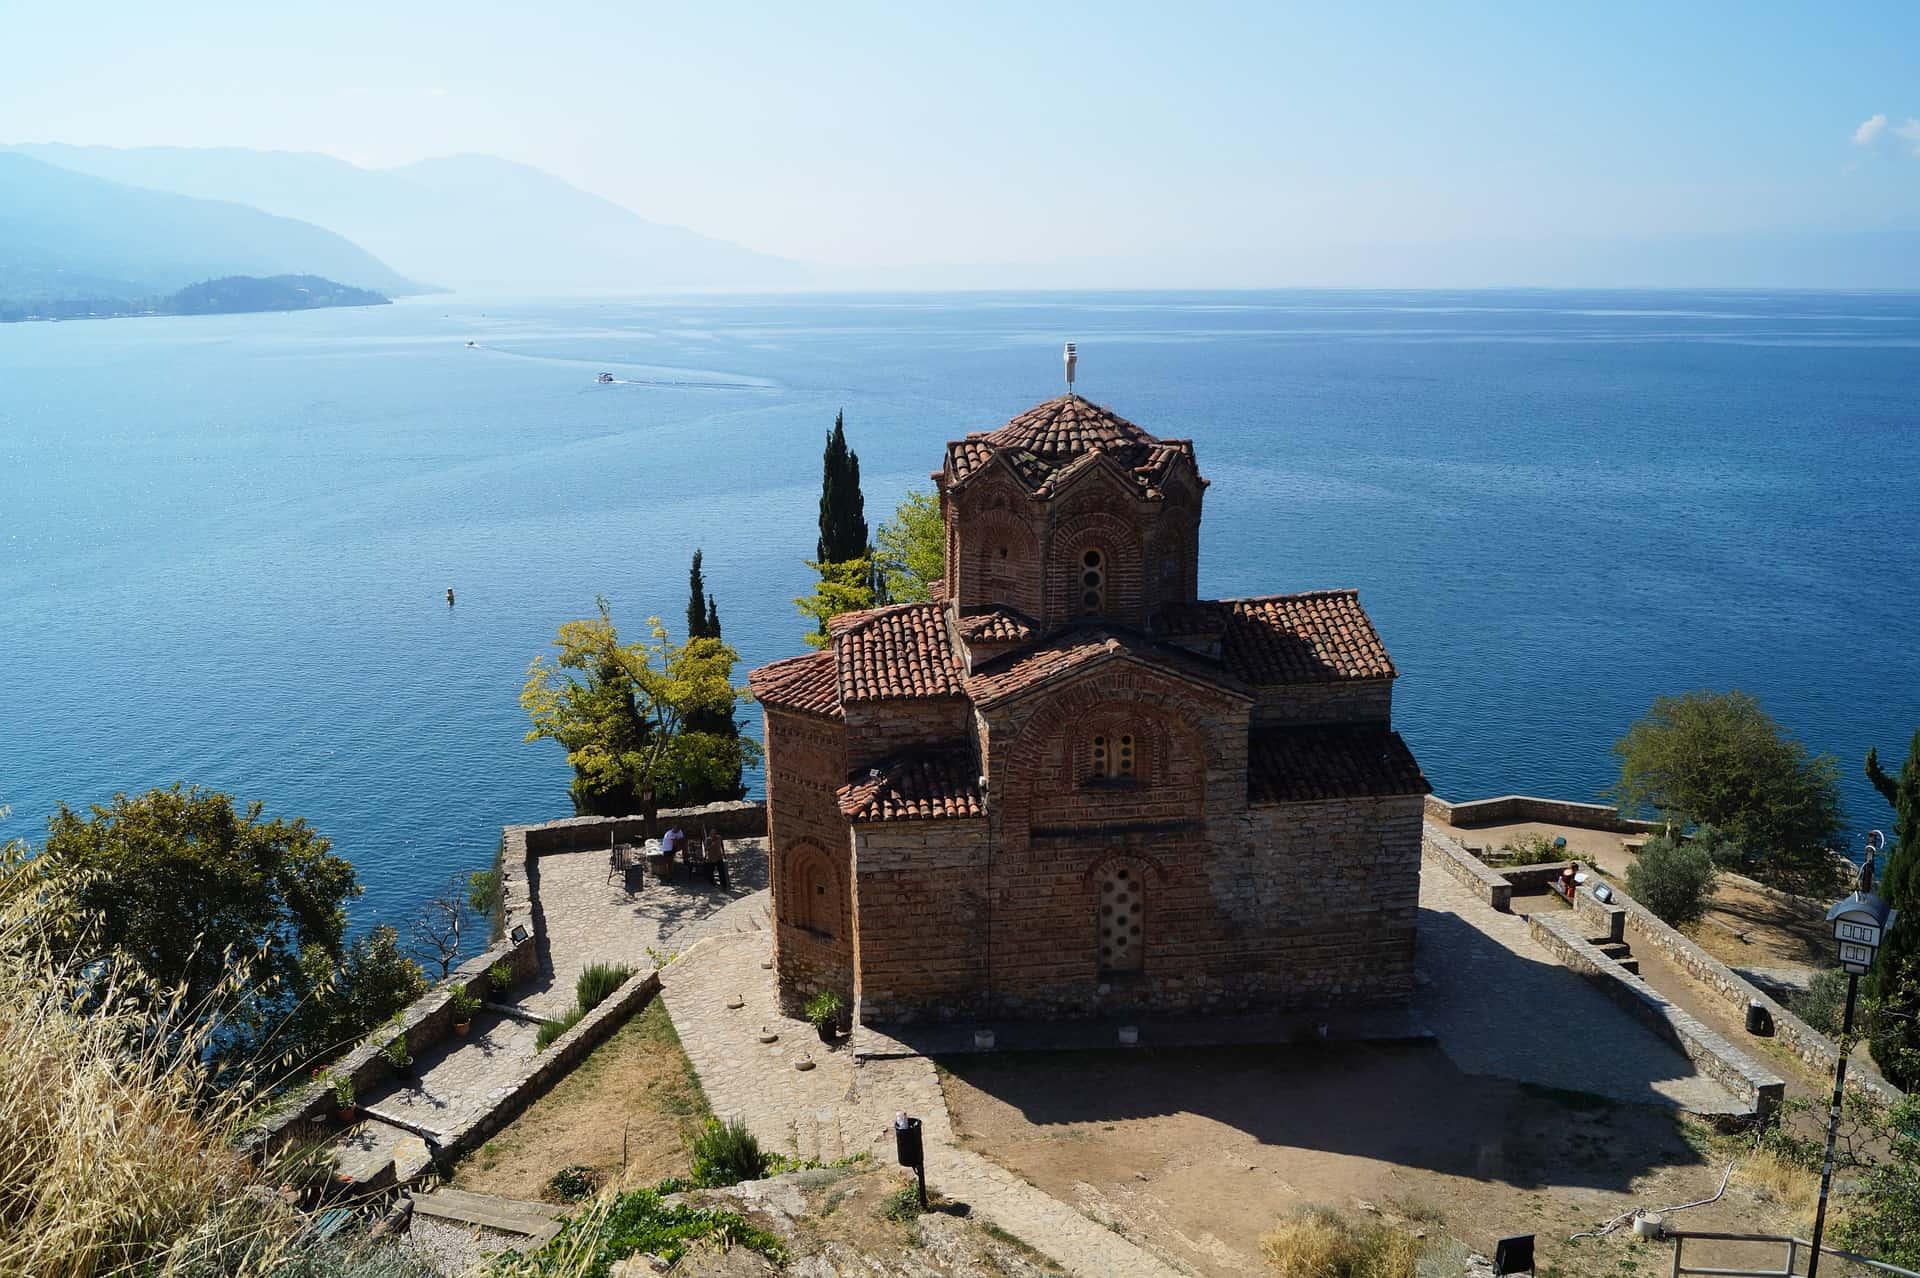 Ohrid Mazedonien - Ohridsee Reiseangebote ab 13,96€ Mazedonien